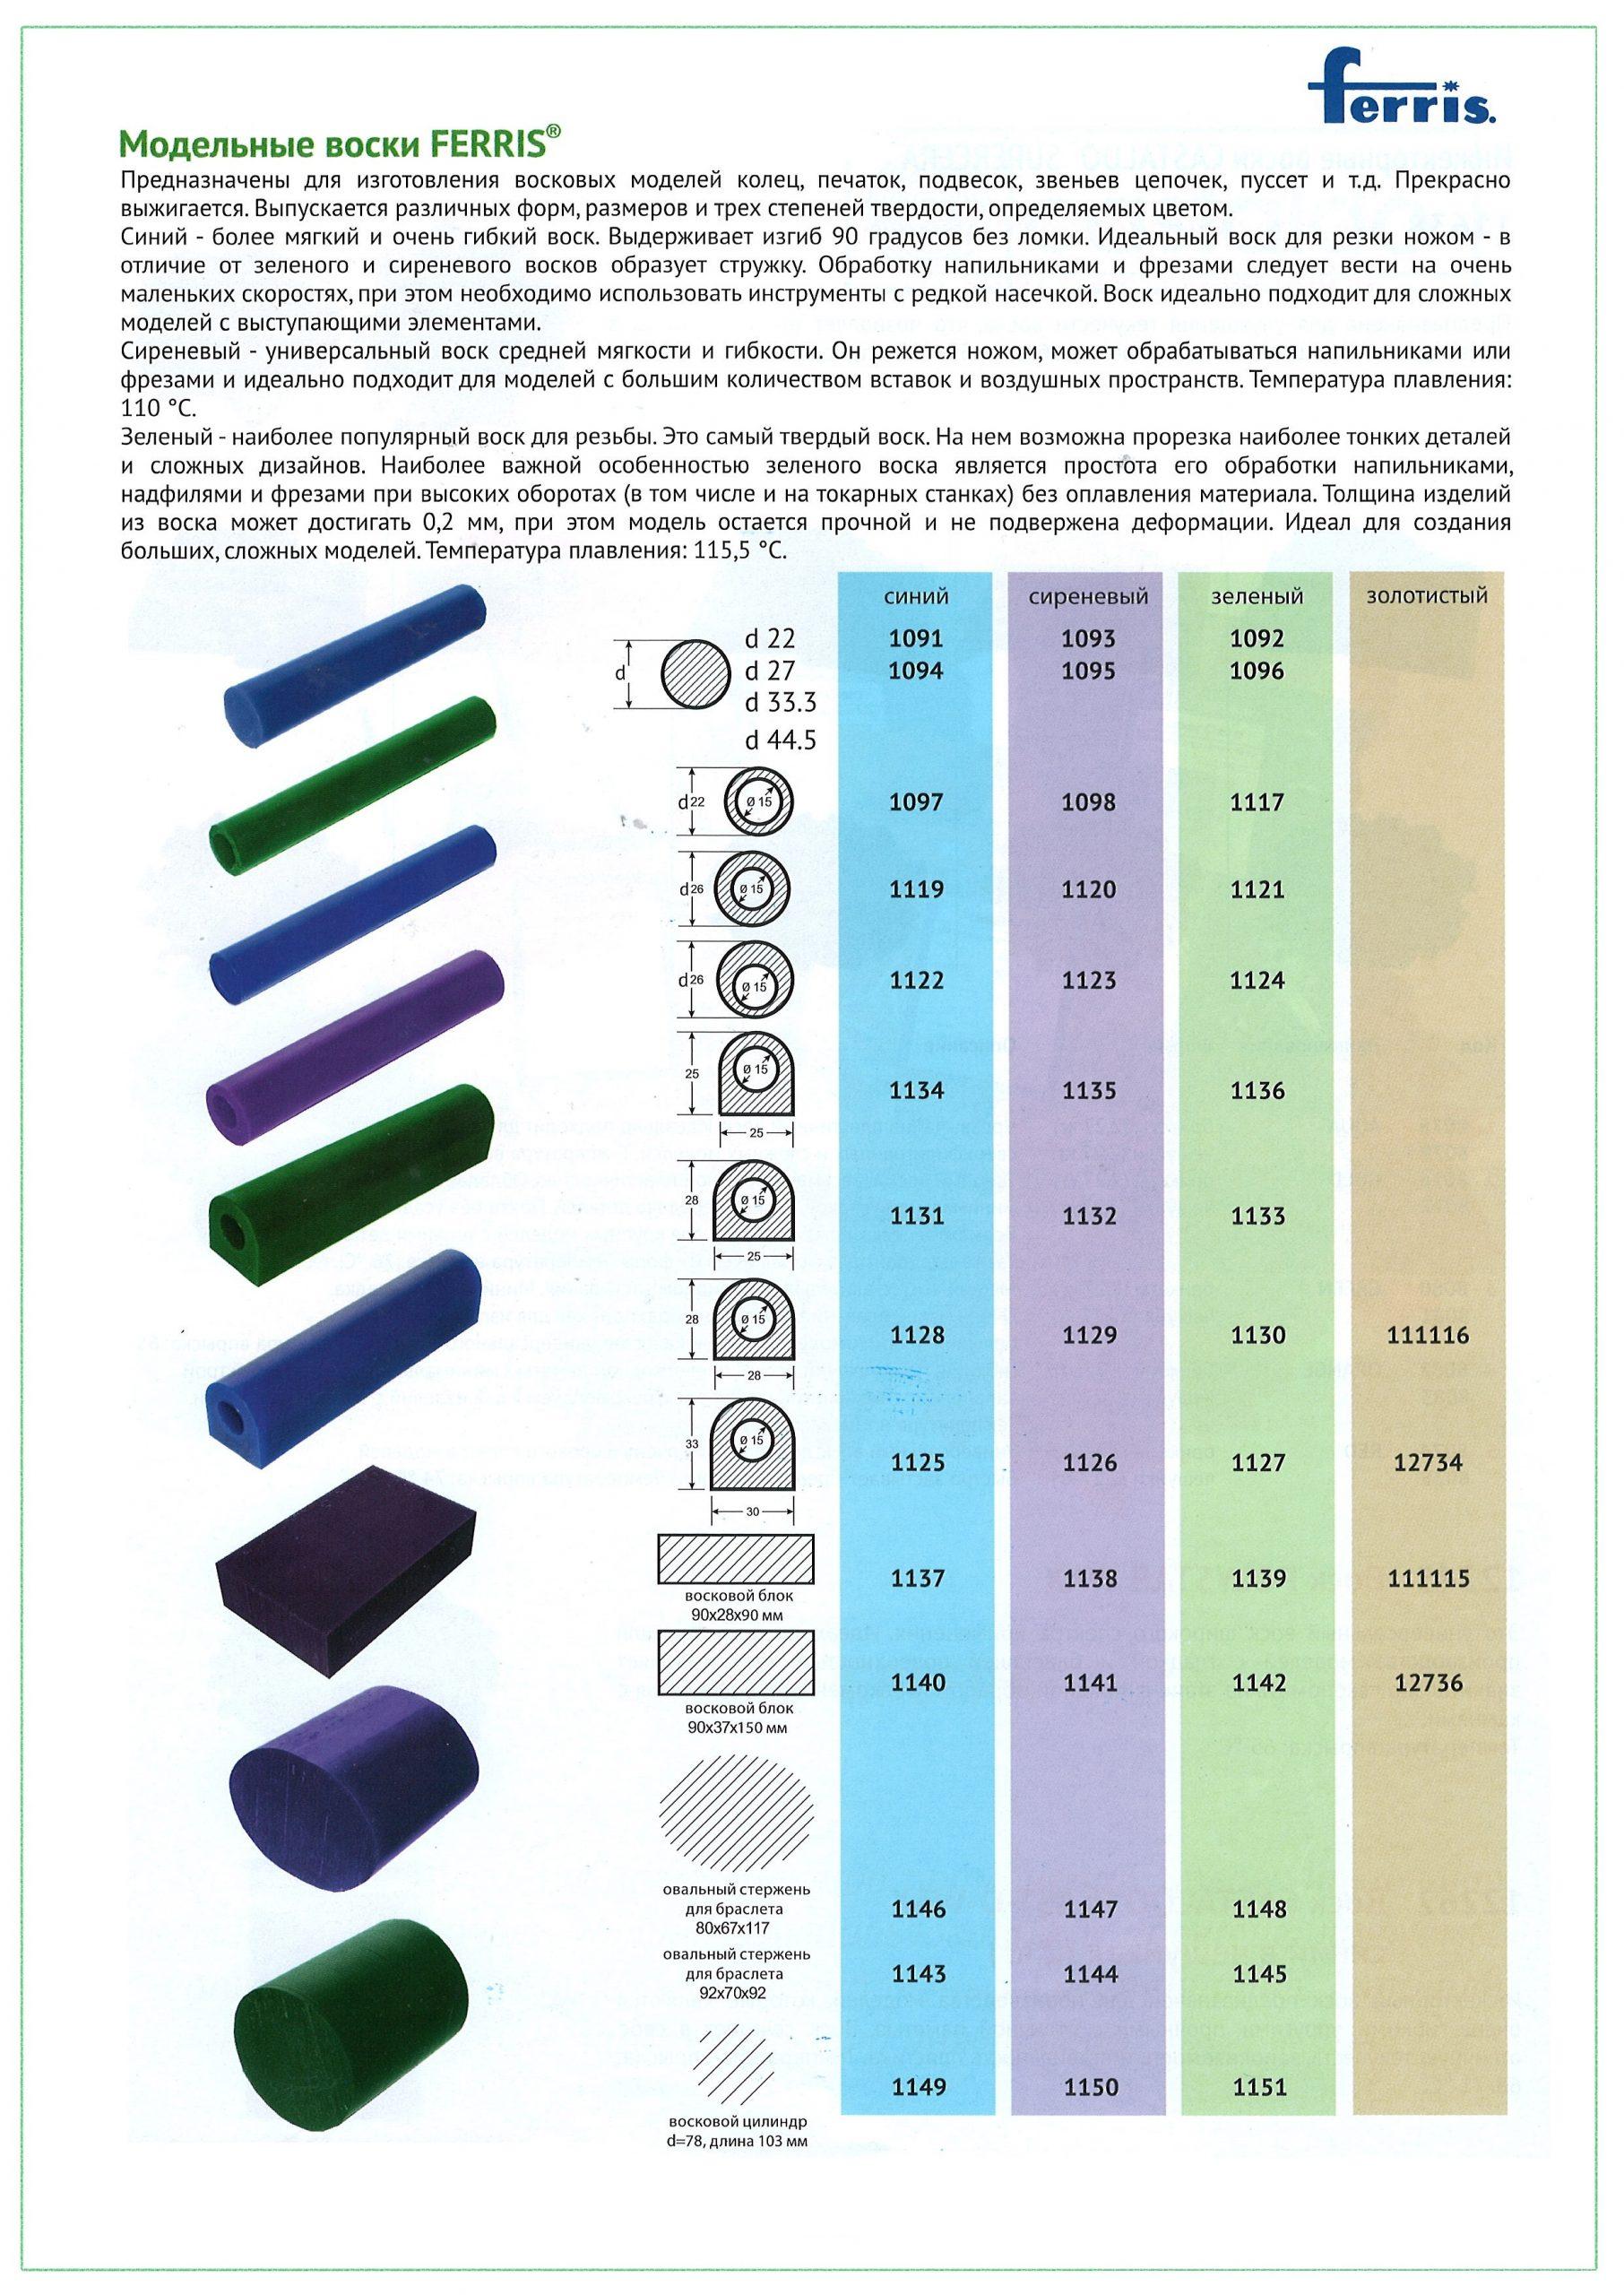 Воск модельный FERRIS FILE-A золотистый брусок (90х90х28мм), 227 гр